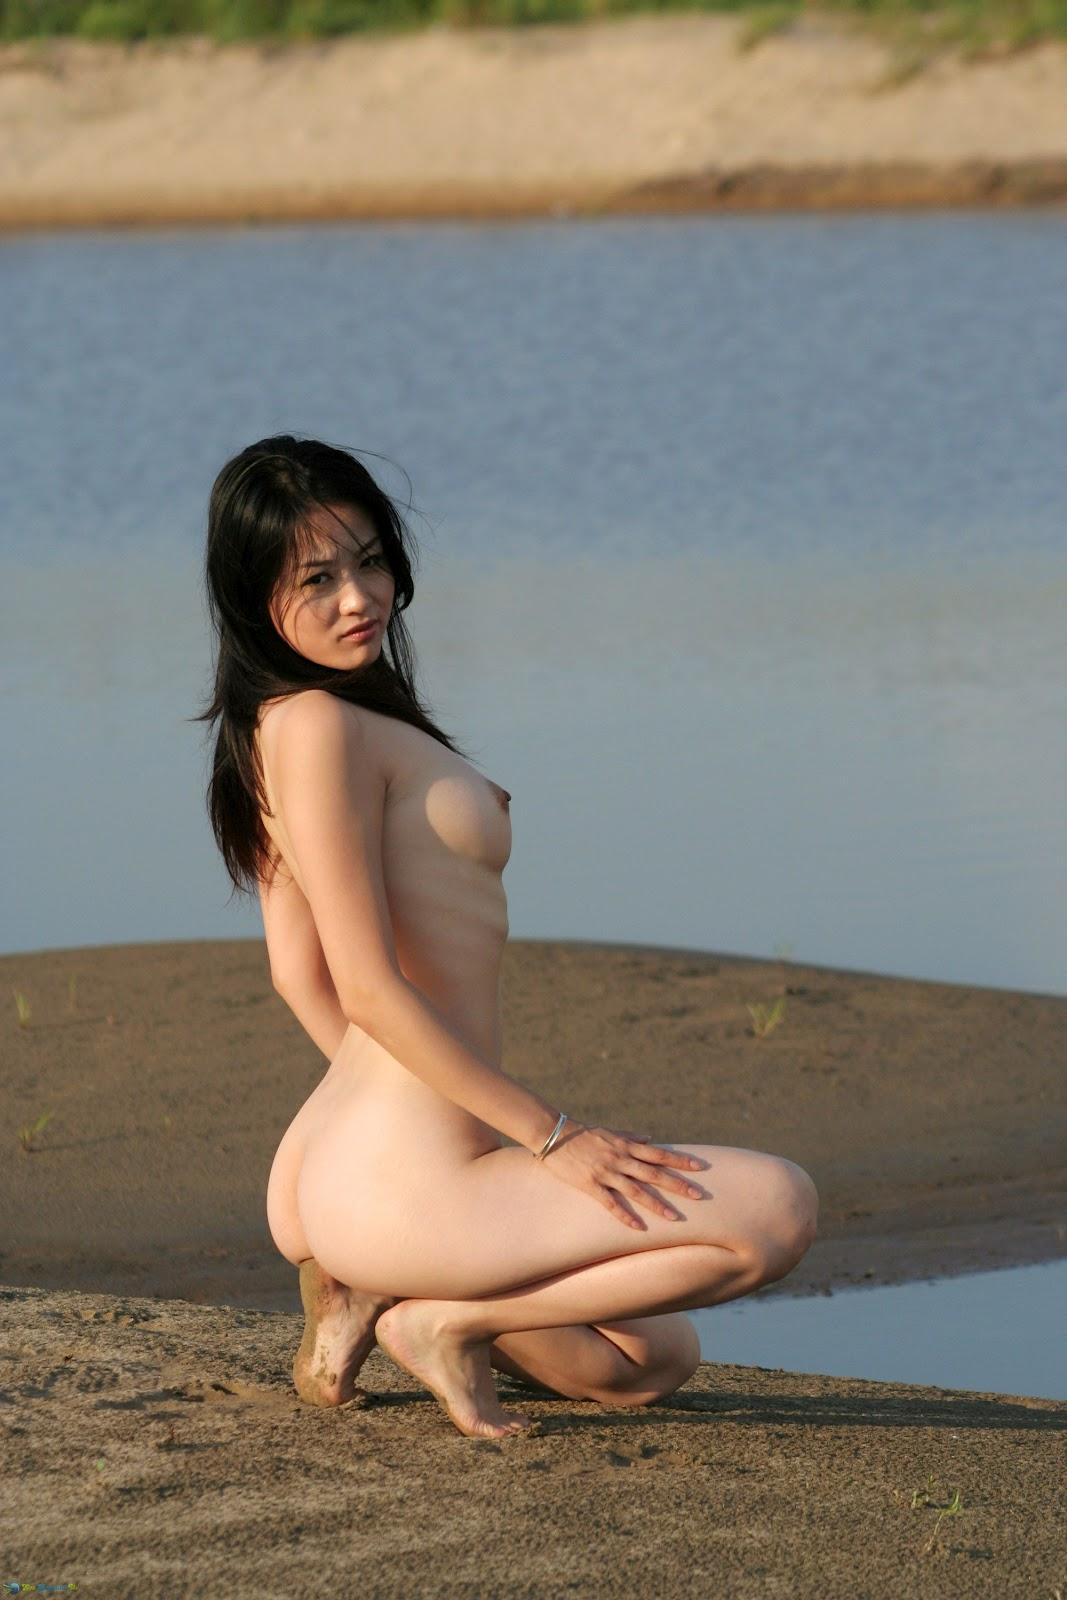 Tan blonde nude hotties